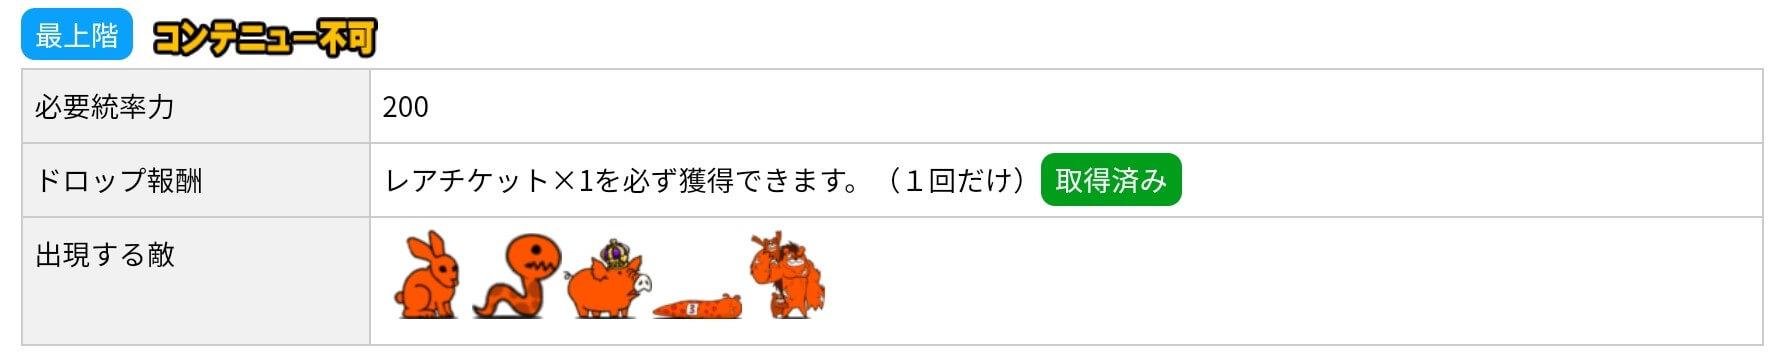 にゃんこ別塔(赤)10階 敵編成